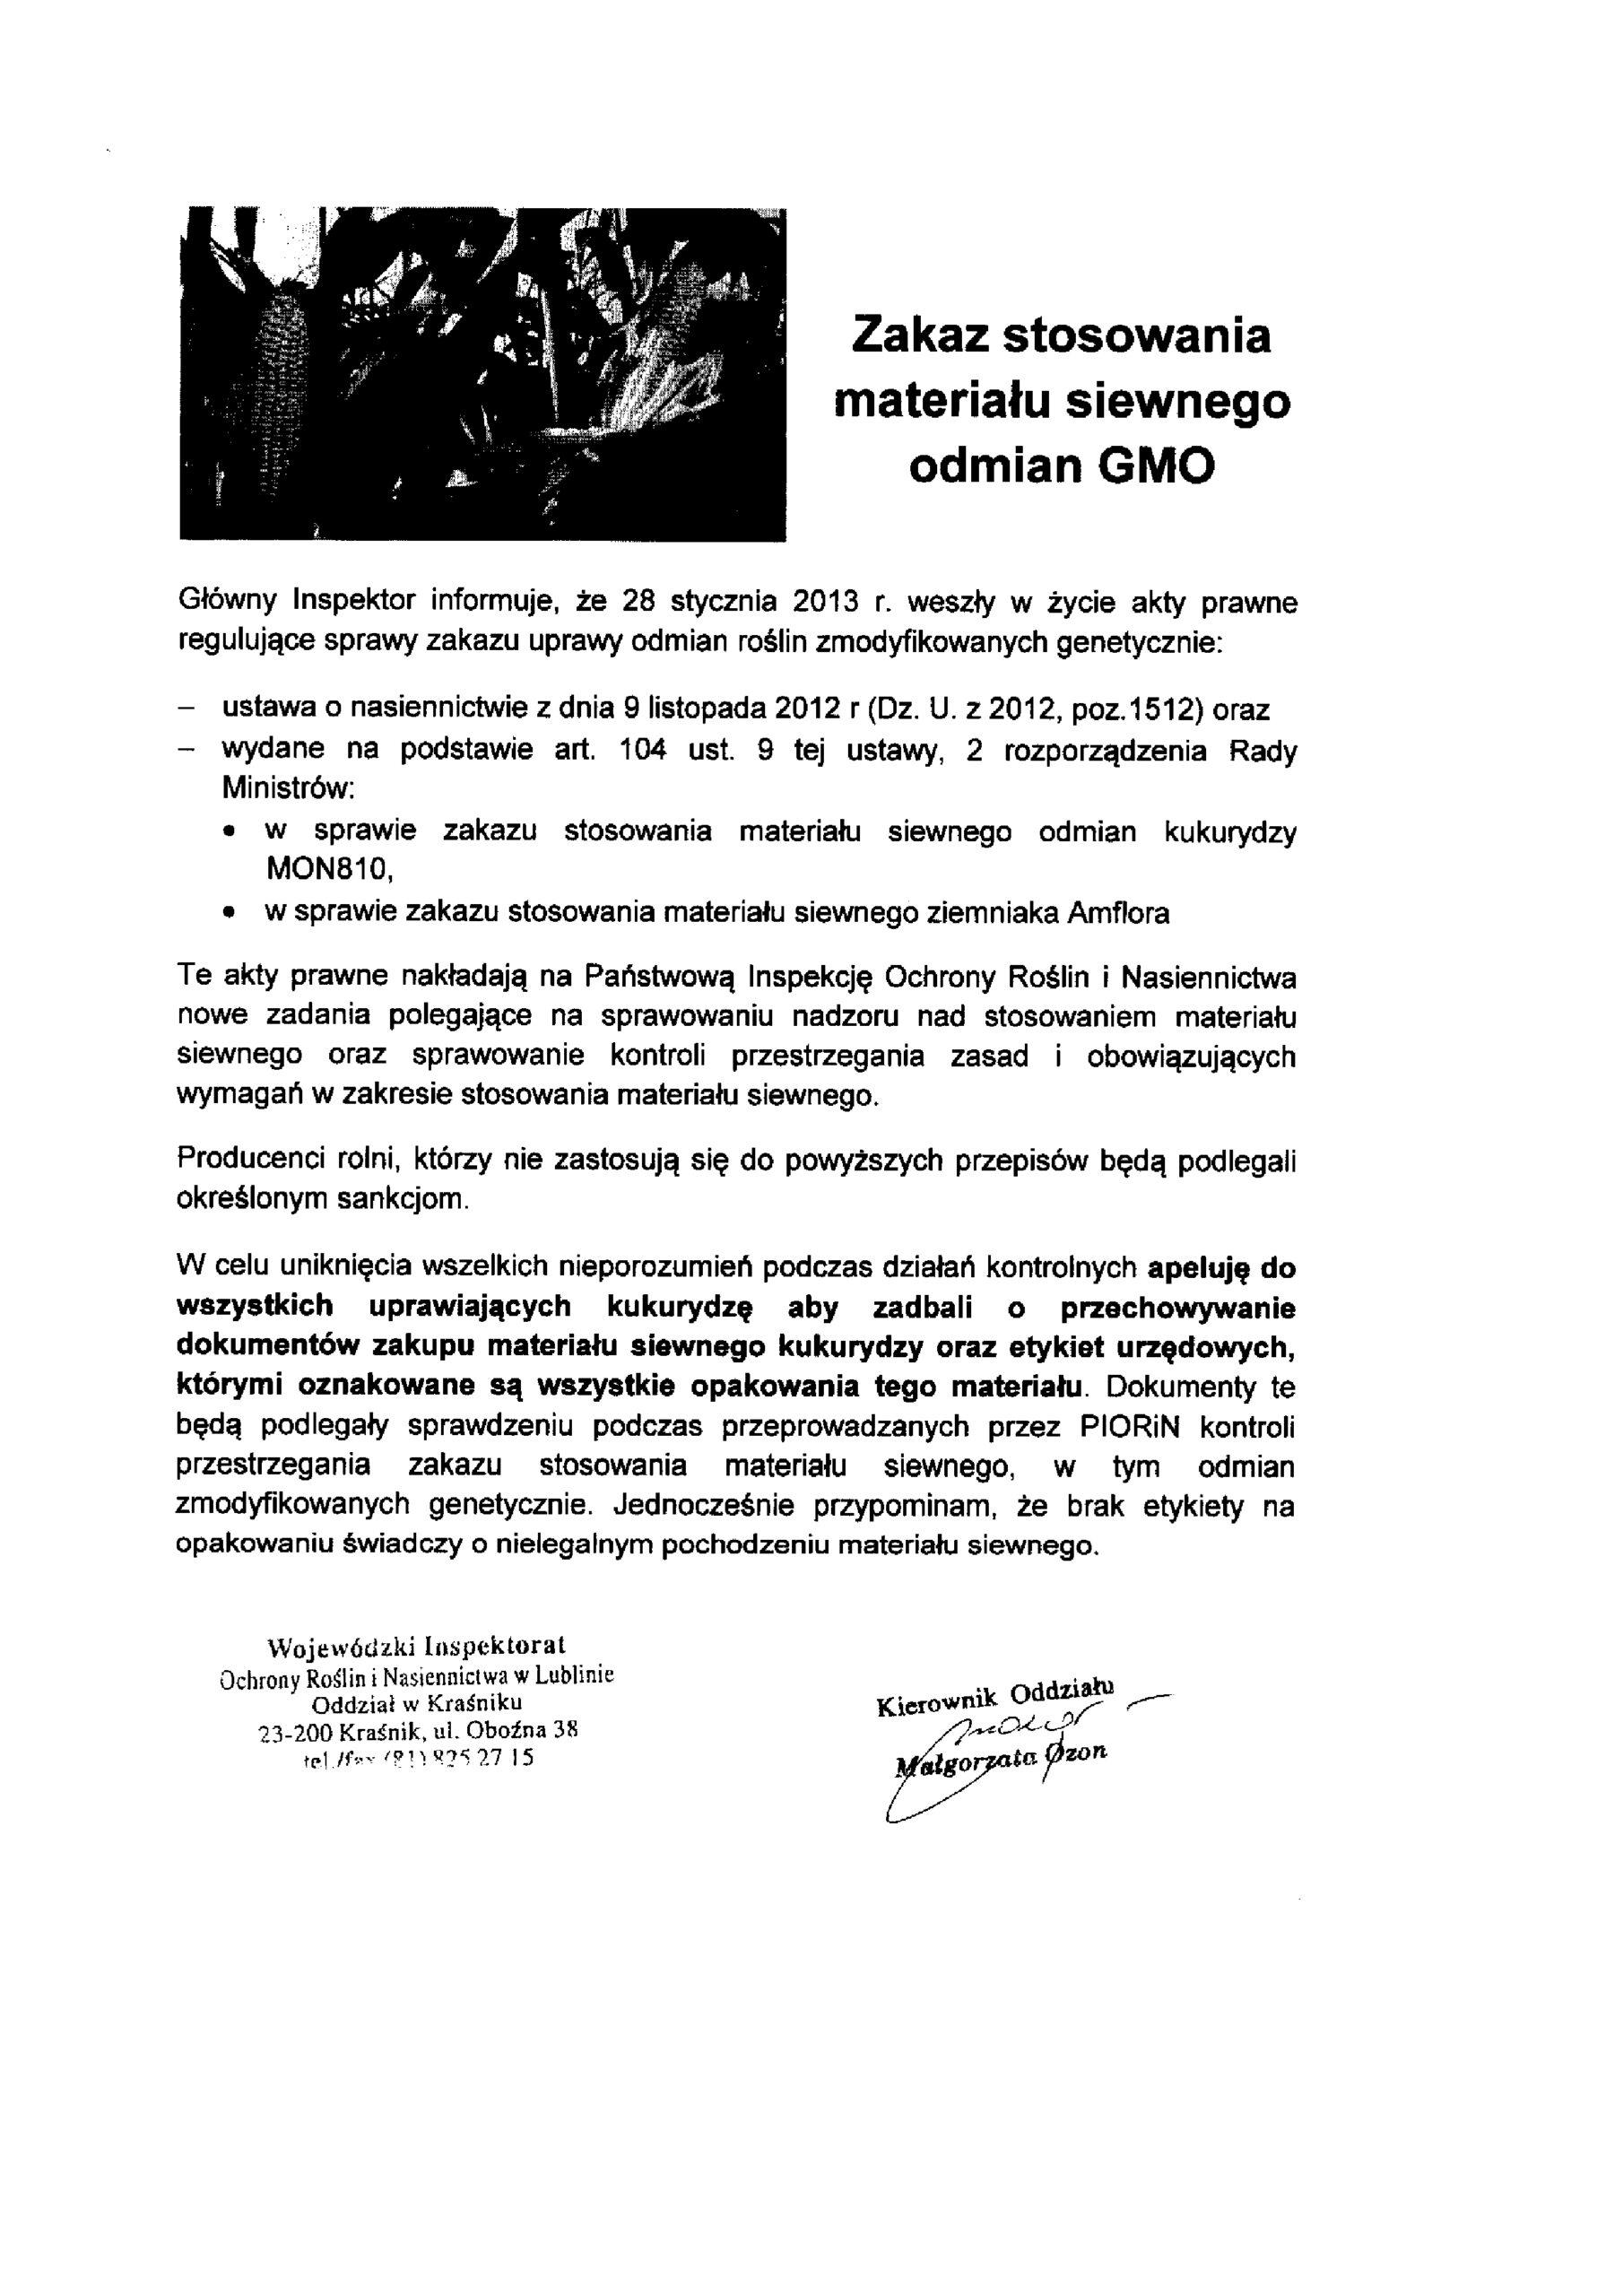 Informacja Wojewódzkiego Inspektoratu Ochrony Roślin i Nasiennictwa w Lublinie Oddział w Kraśniku.